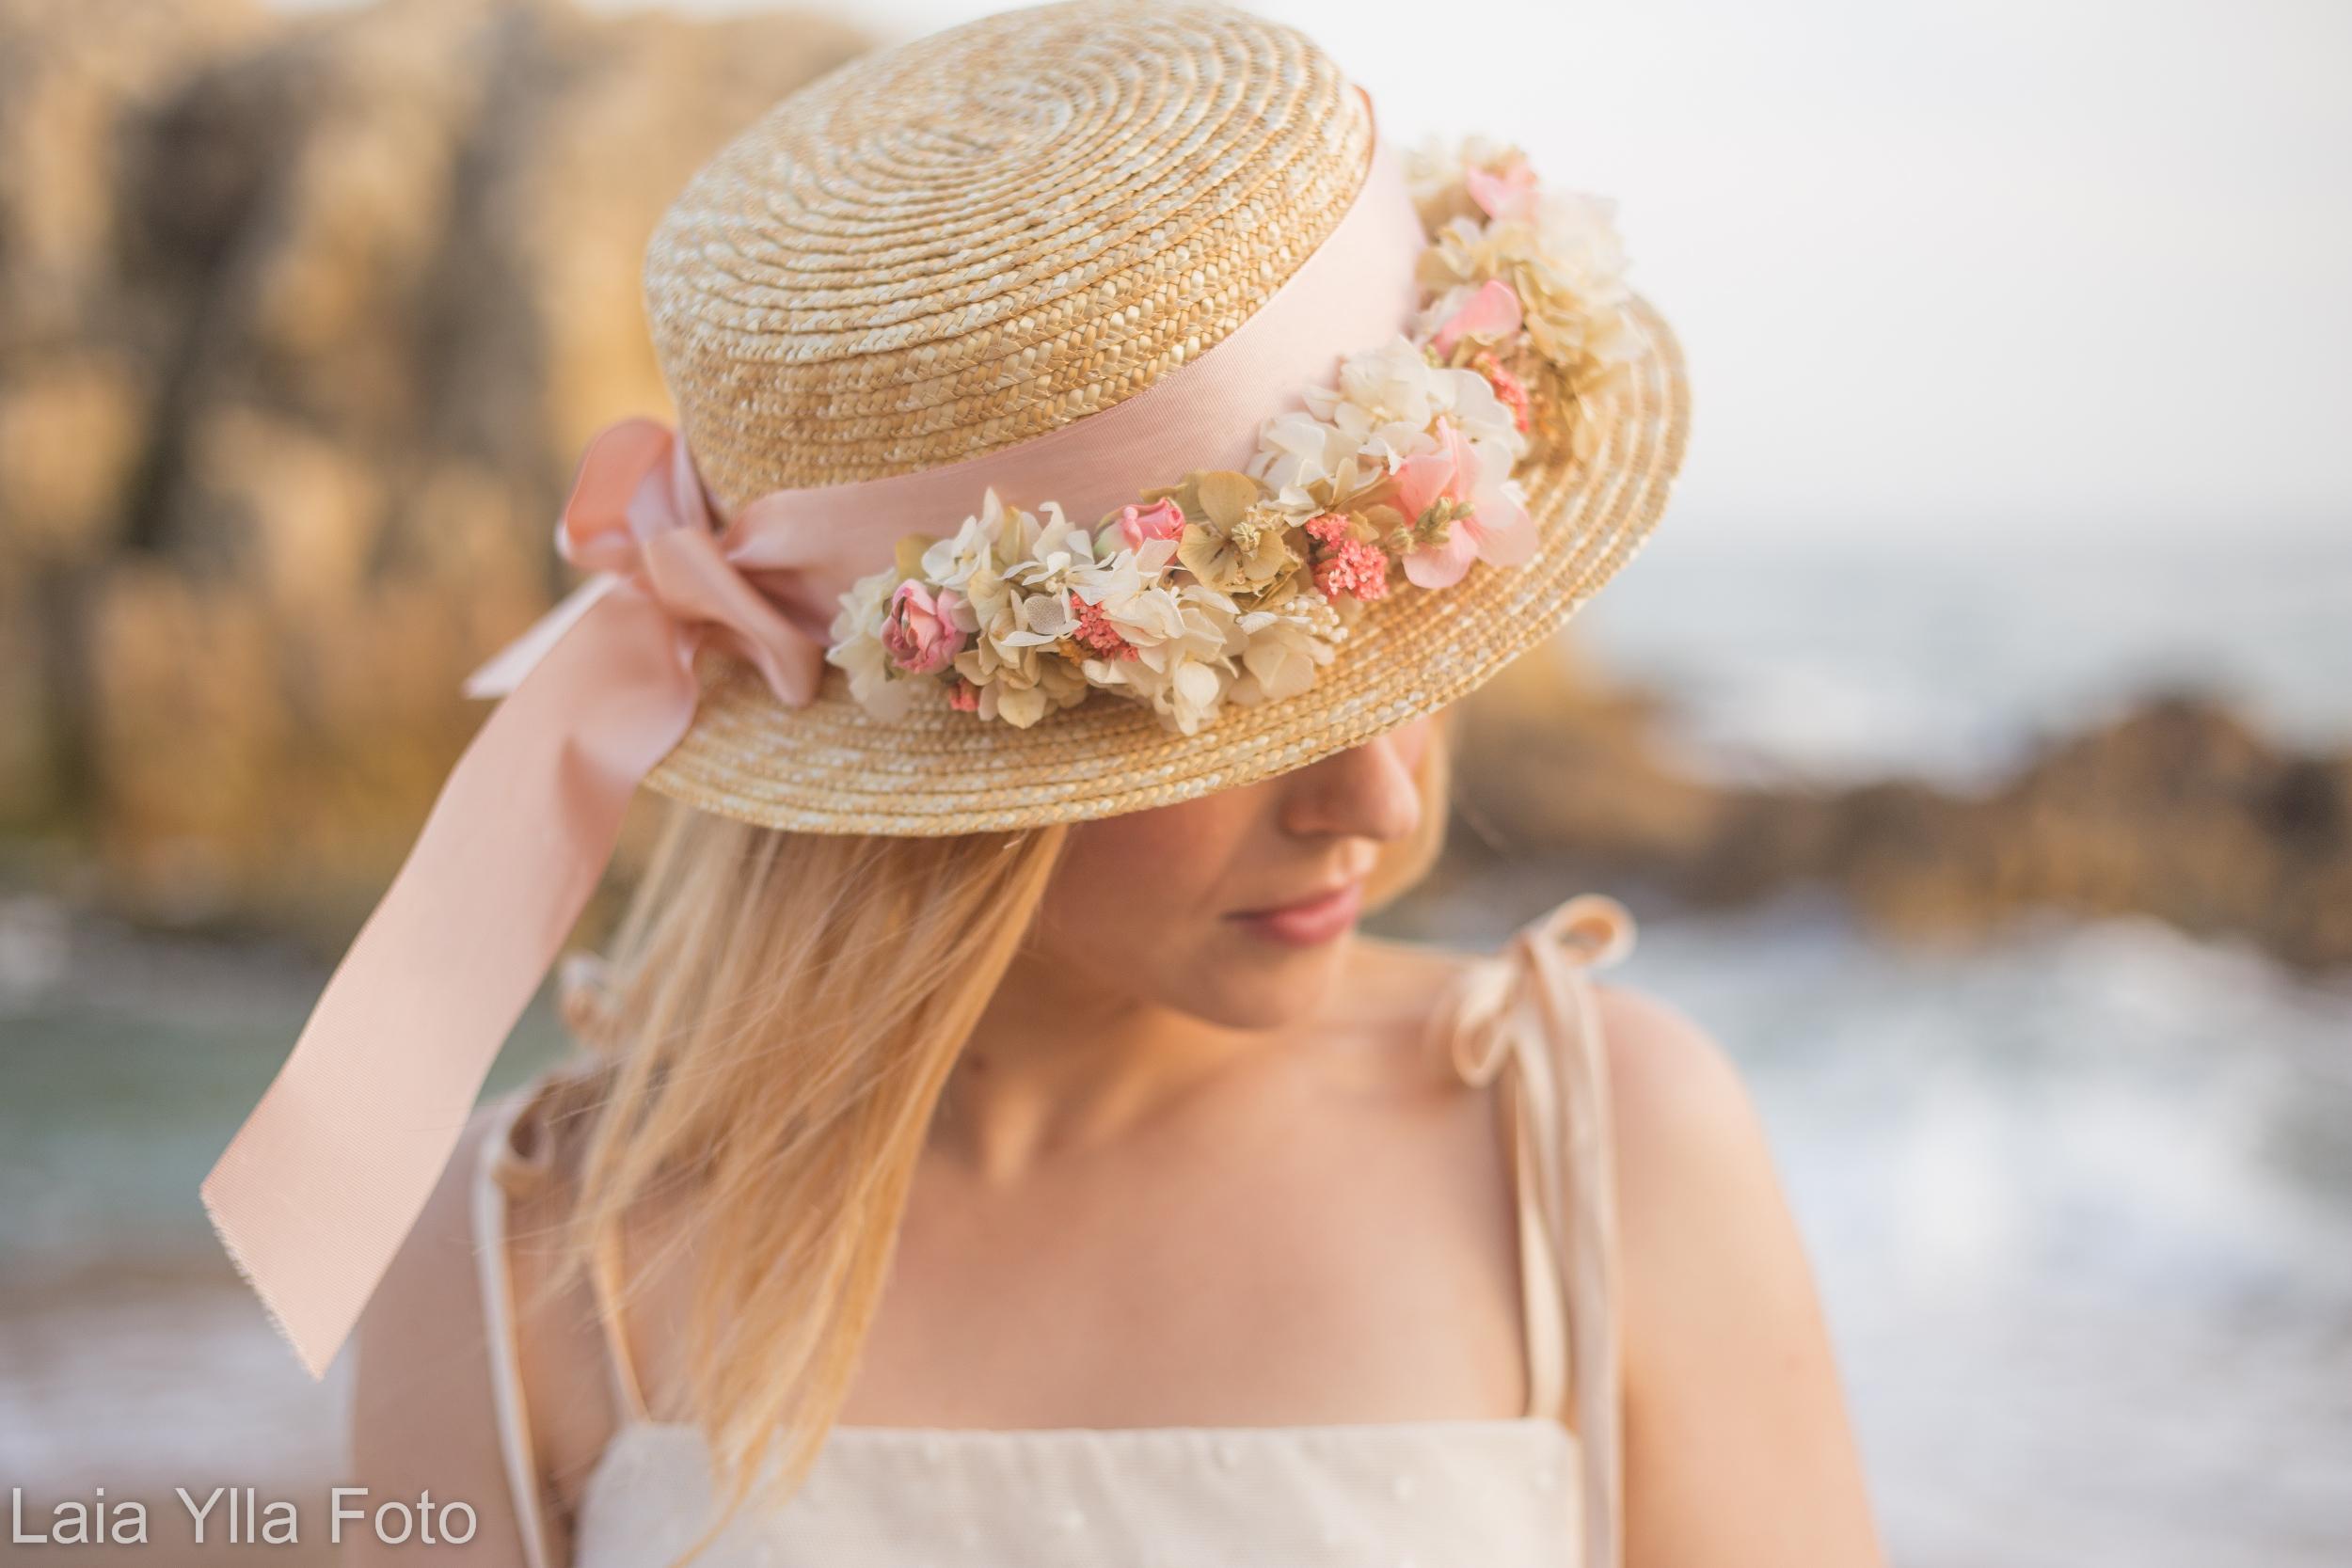 Canotier flores Sweetbohème